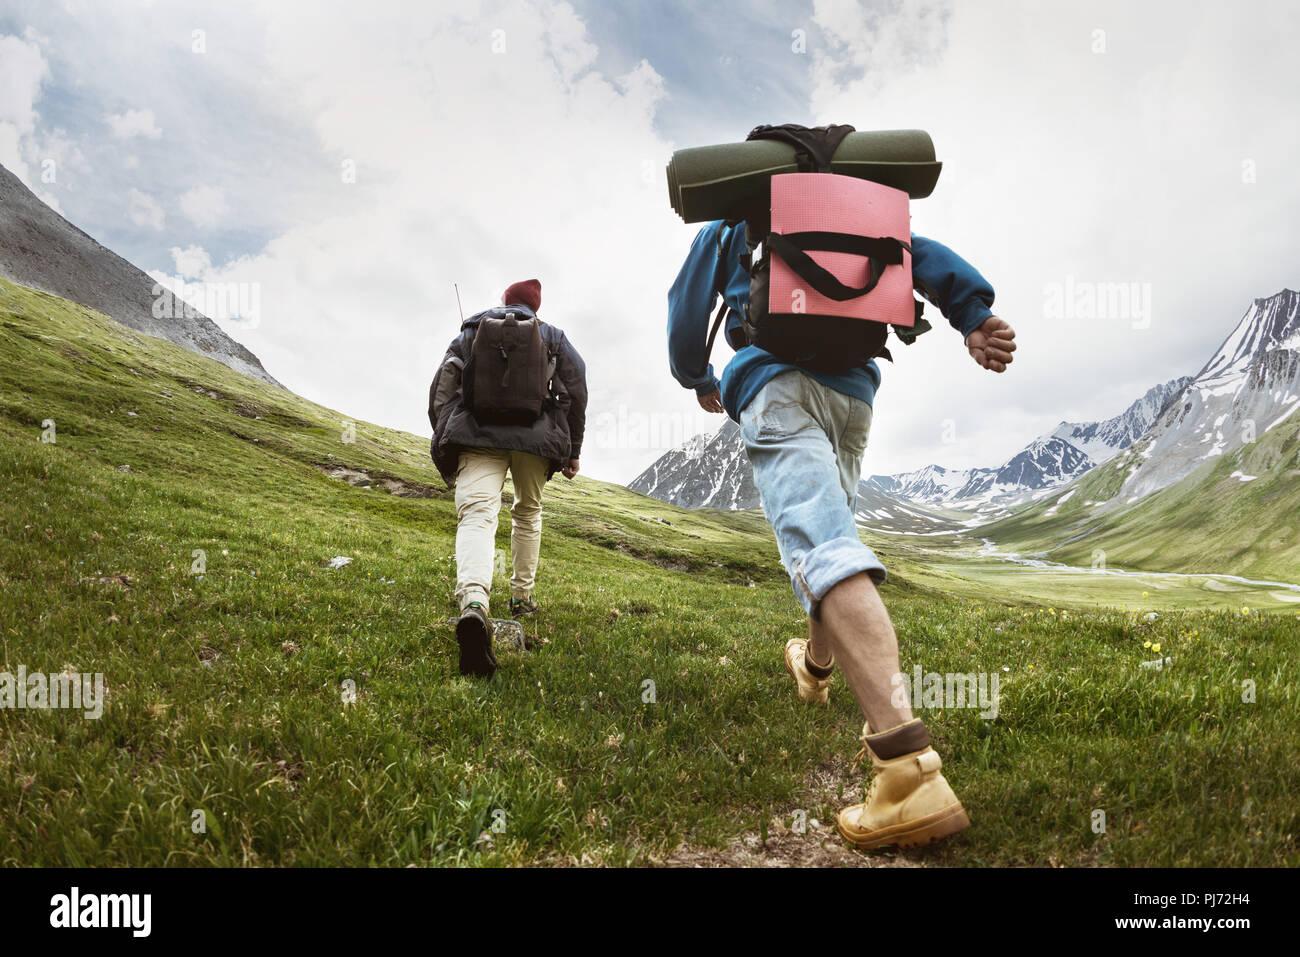 Los turistas en ruta de senderismo en las montañas Foto de stock